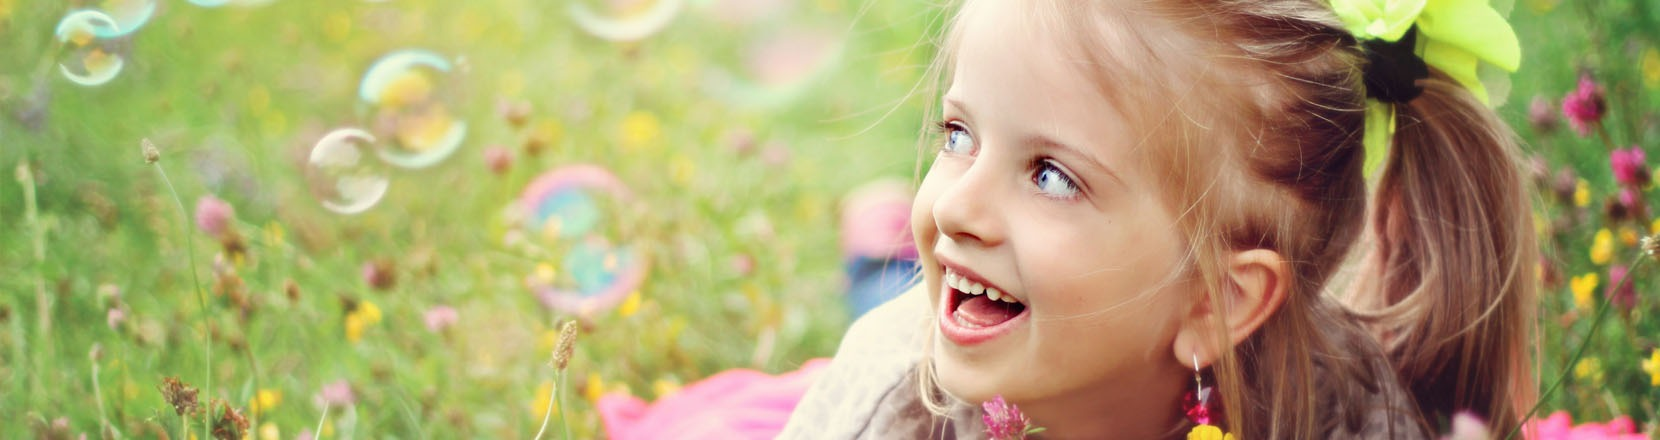 Bambina distesa in un prato che sorride in mezzo alle bolle di sapone